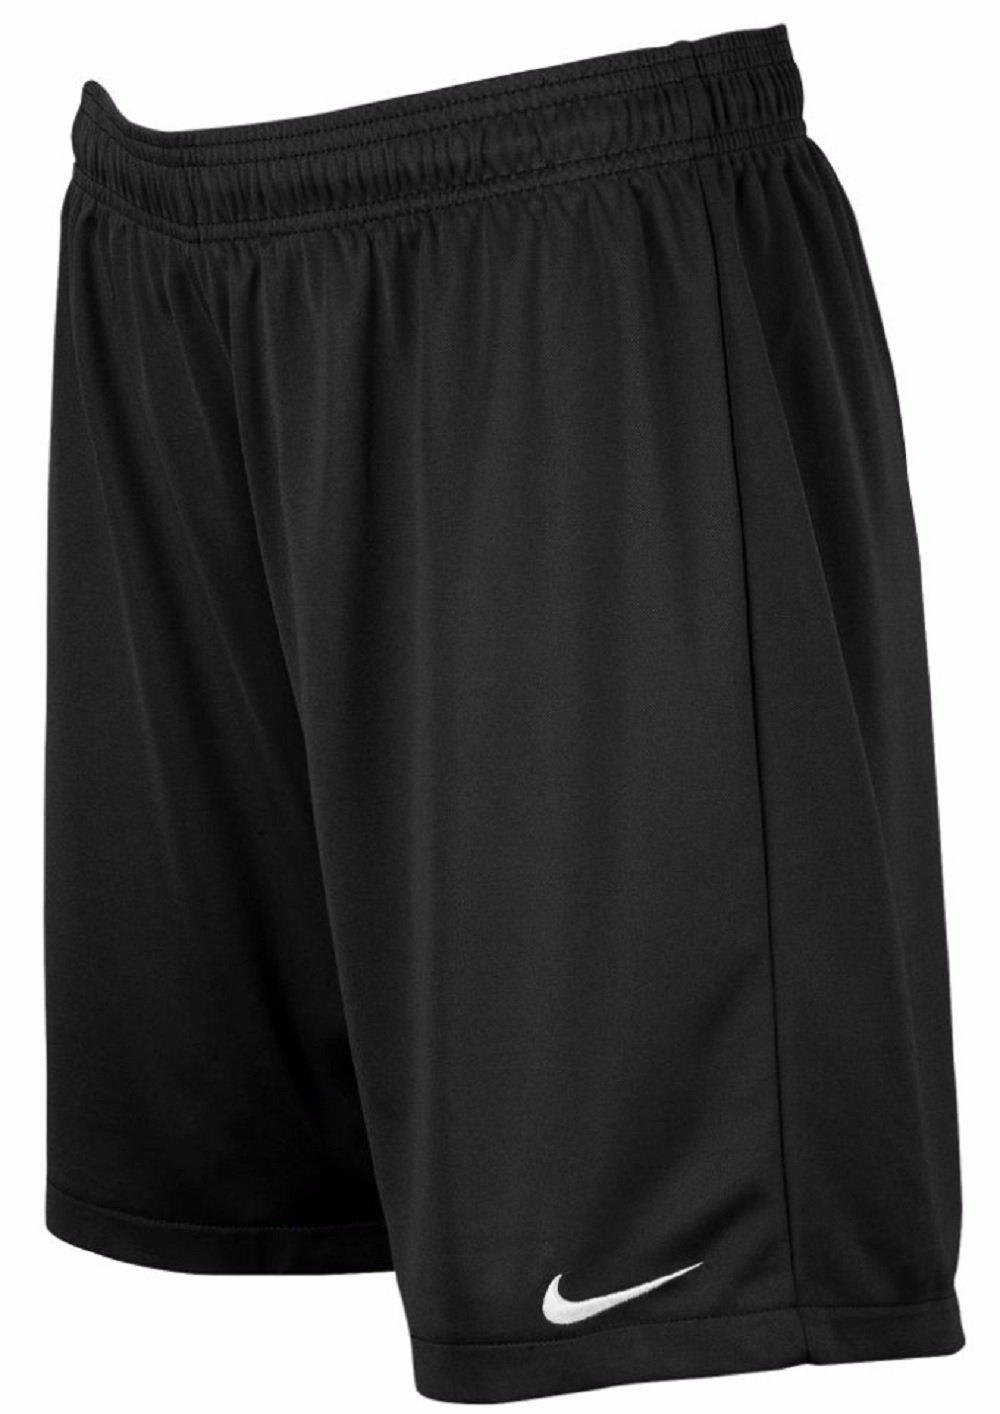 (ナイキ) Nike イコライザー サッカーショーツ レディース B00SN9YE16 XL|ブラック ブラック XL